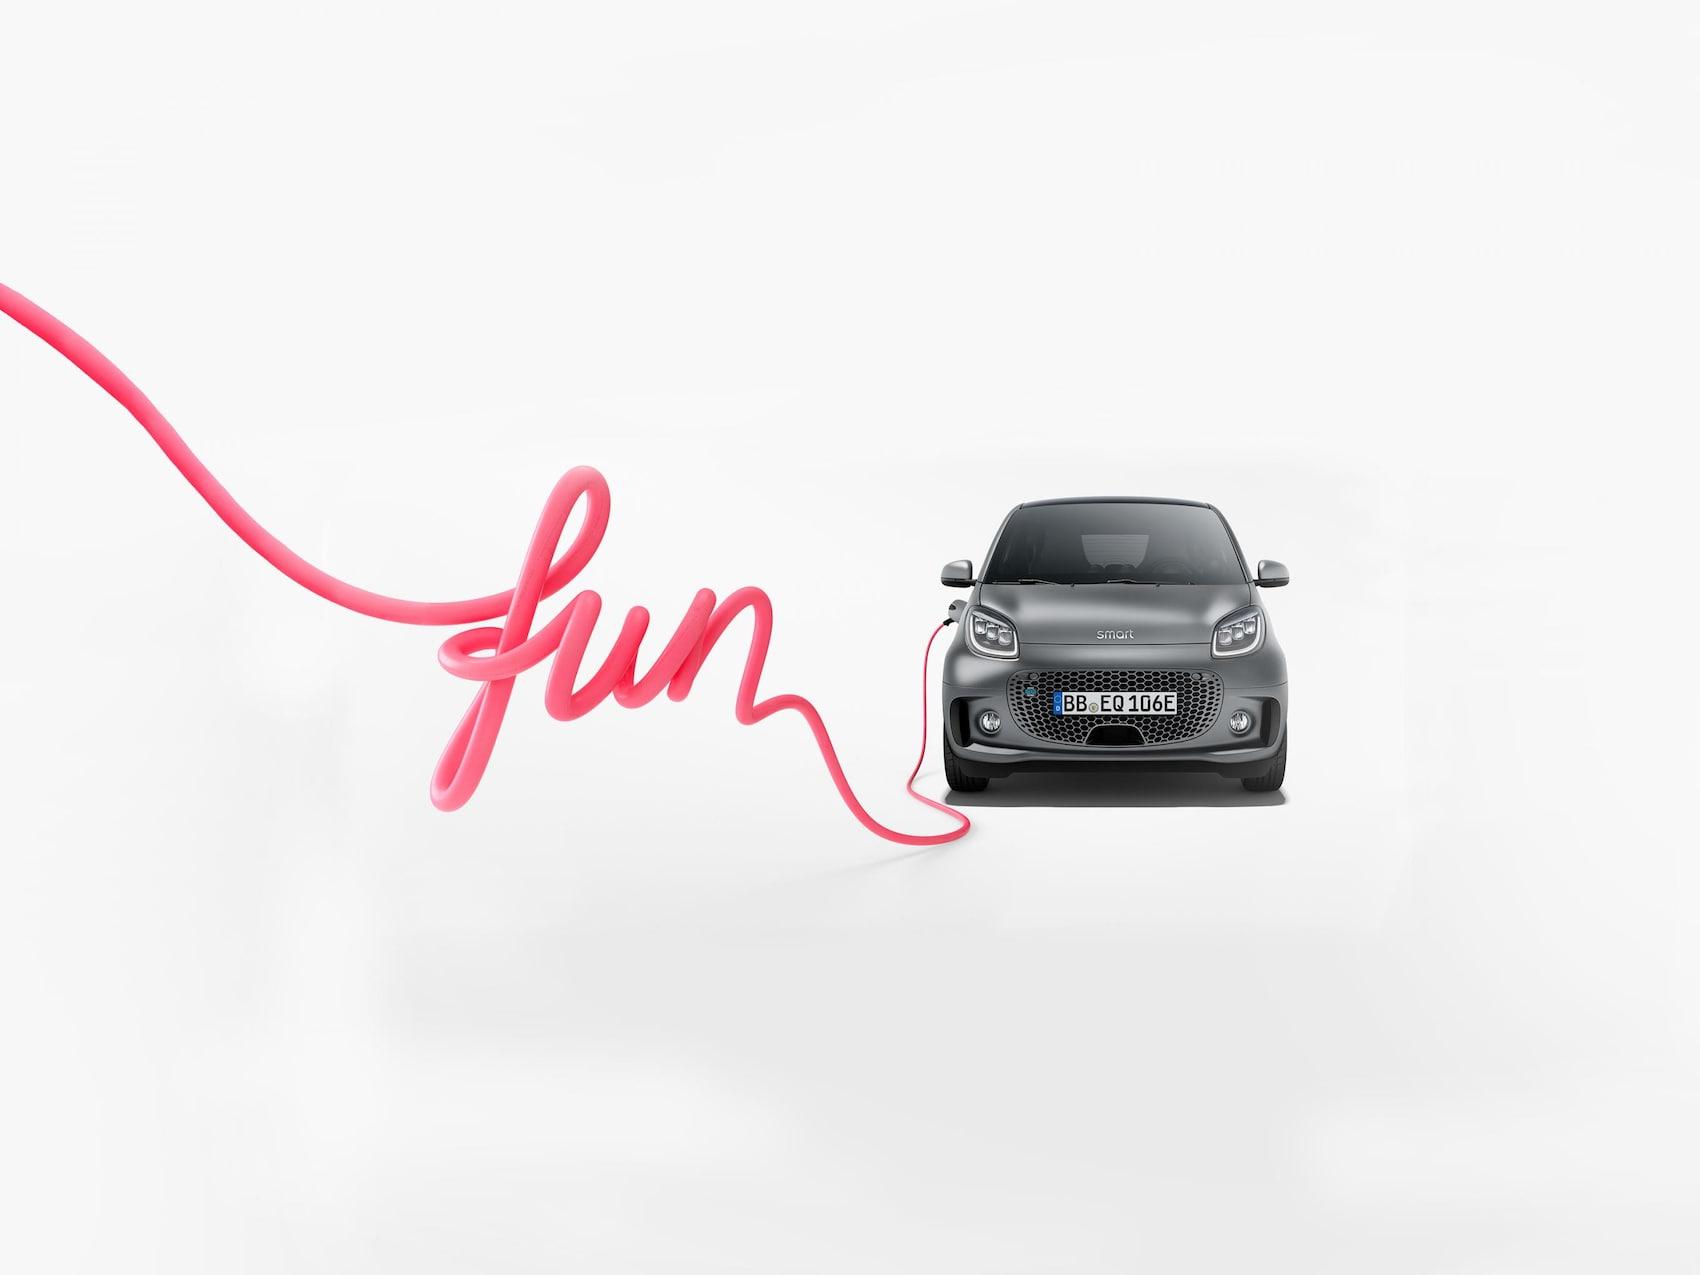 smart EQ fortwo in grau mit pinkem Ladekabel und Schriftzug fun